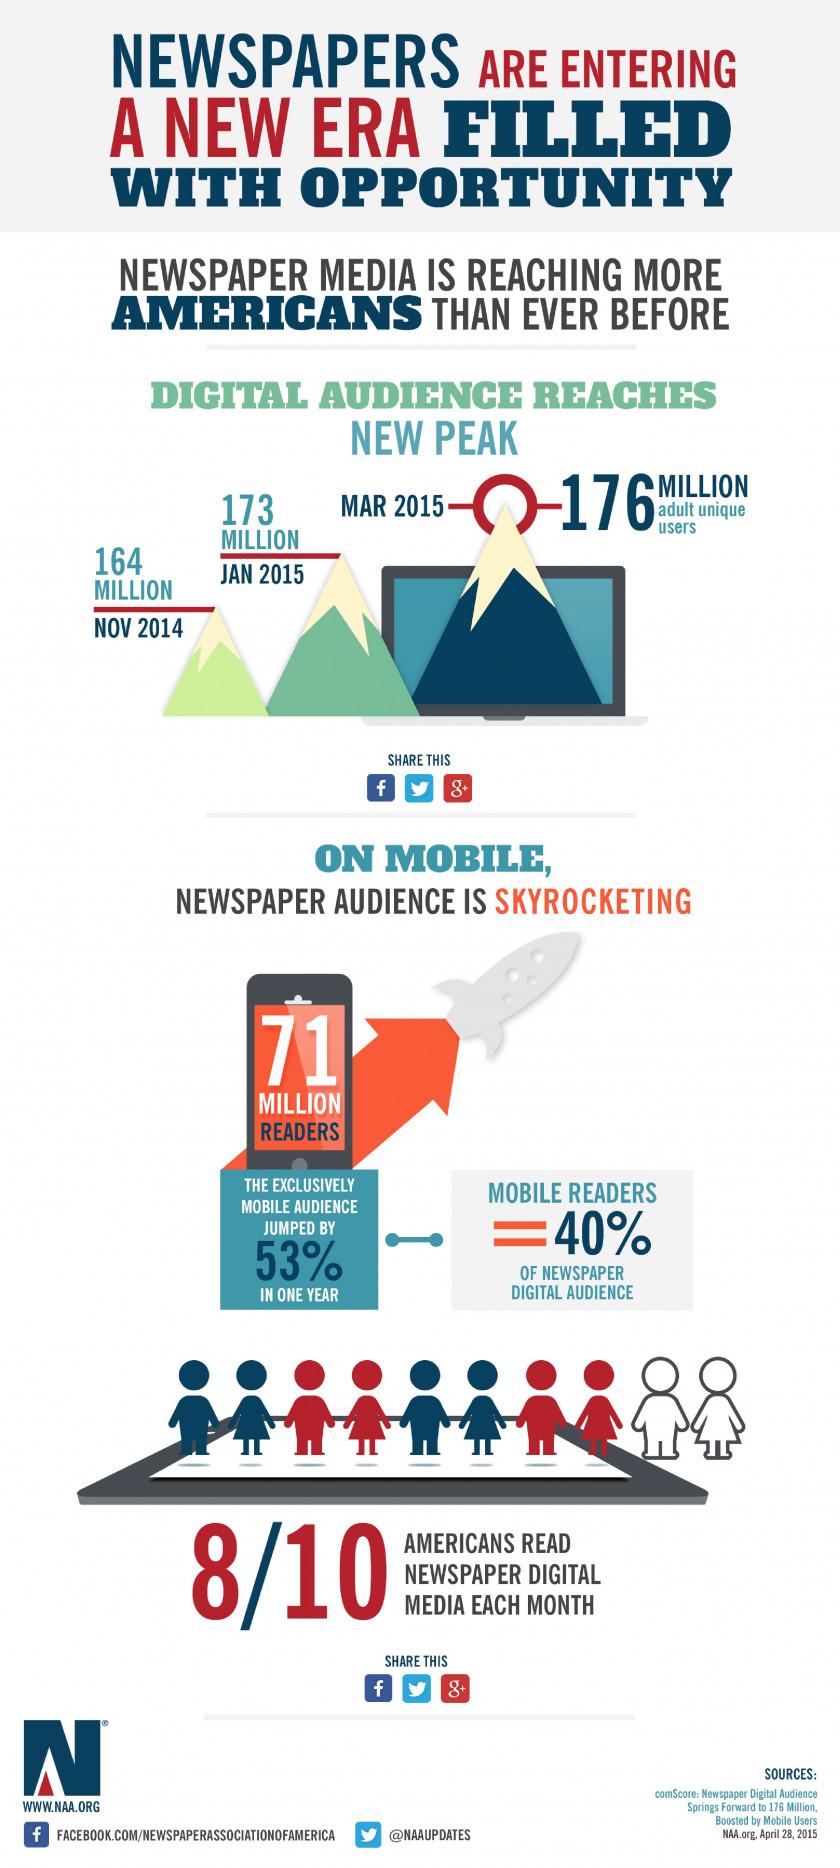 The Increased Reach of Newspaper Digital Media